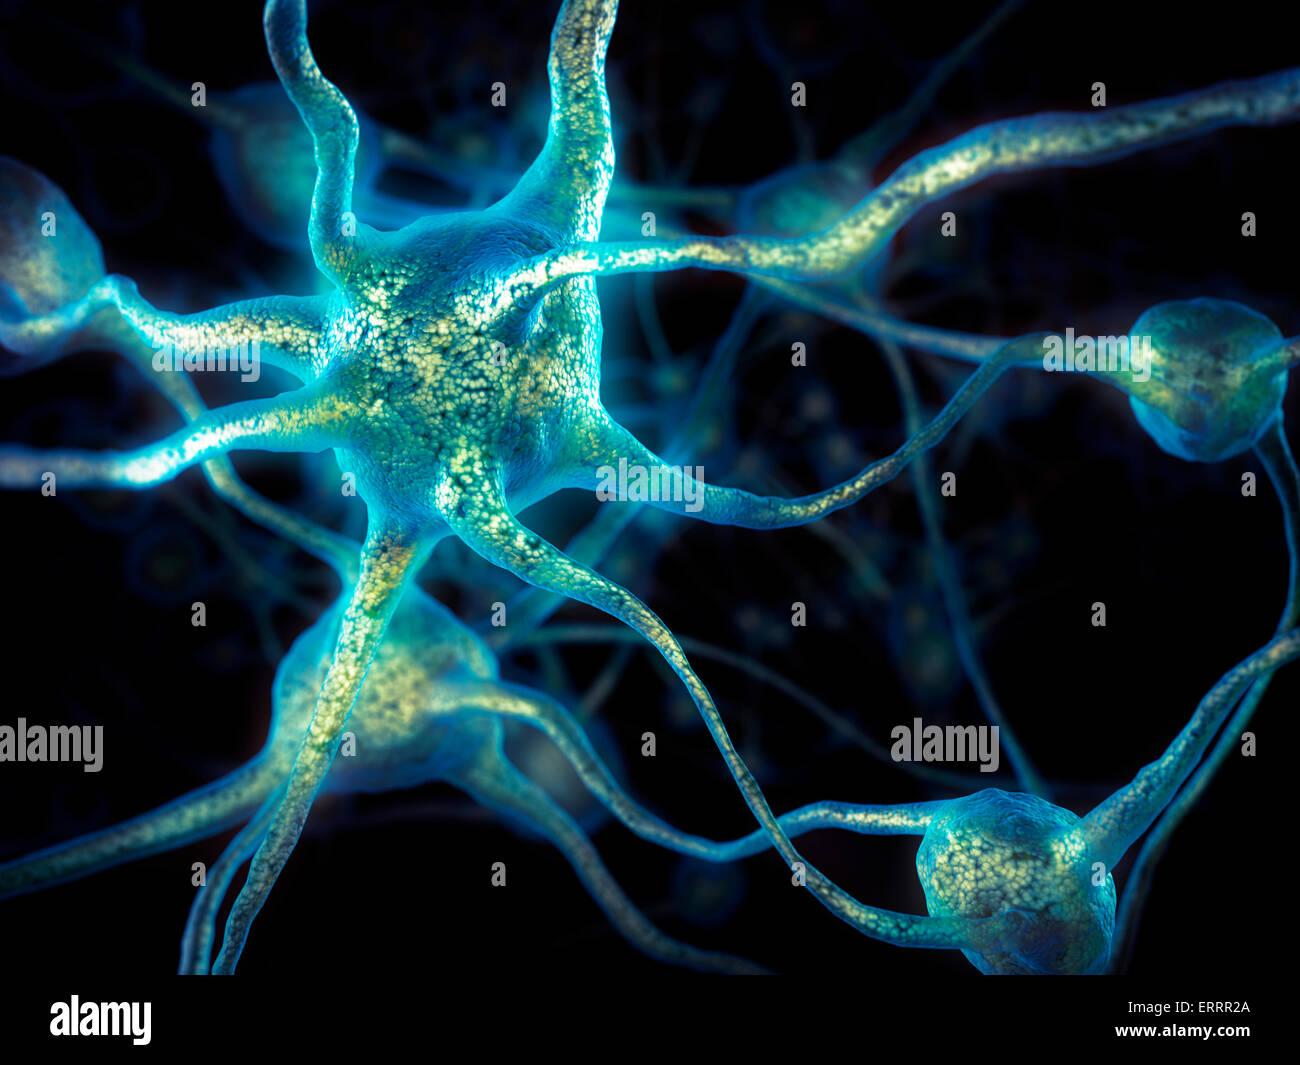 Réseau de neurones, les cellules du cerveau, du système nerveux, conceptuel, 3D illustration Photo Stock